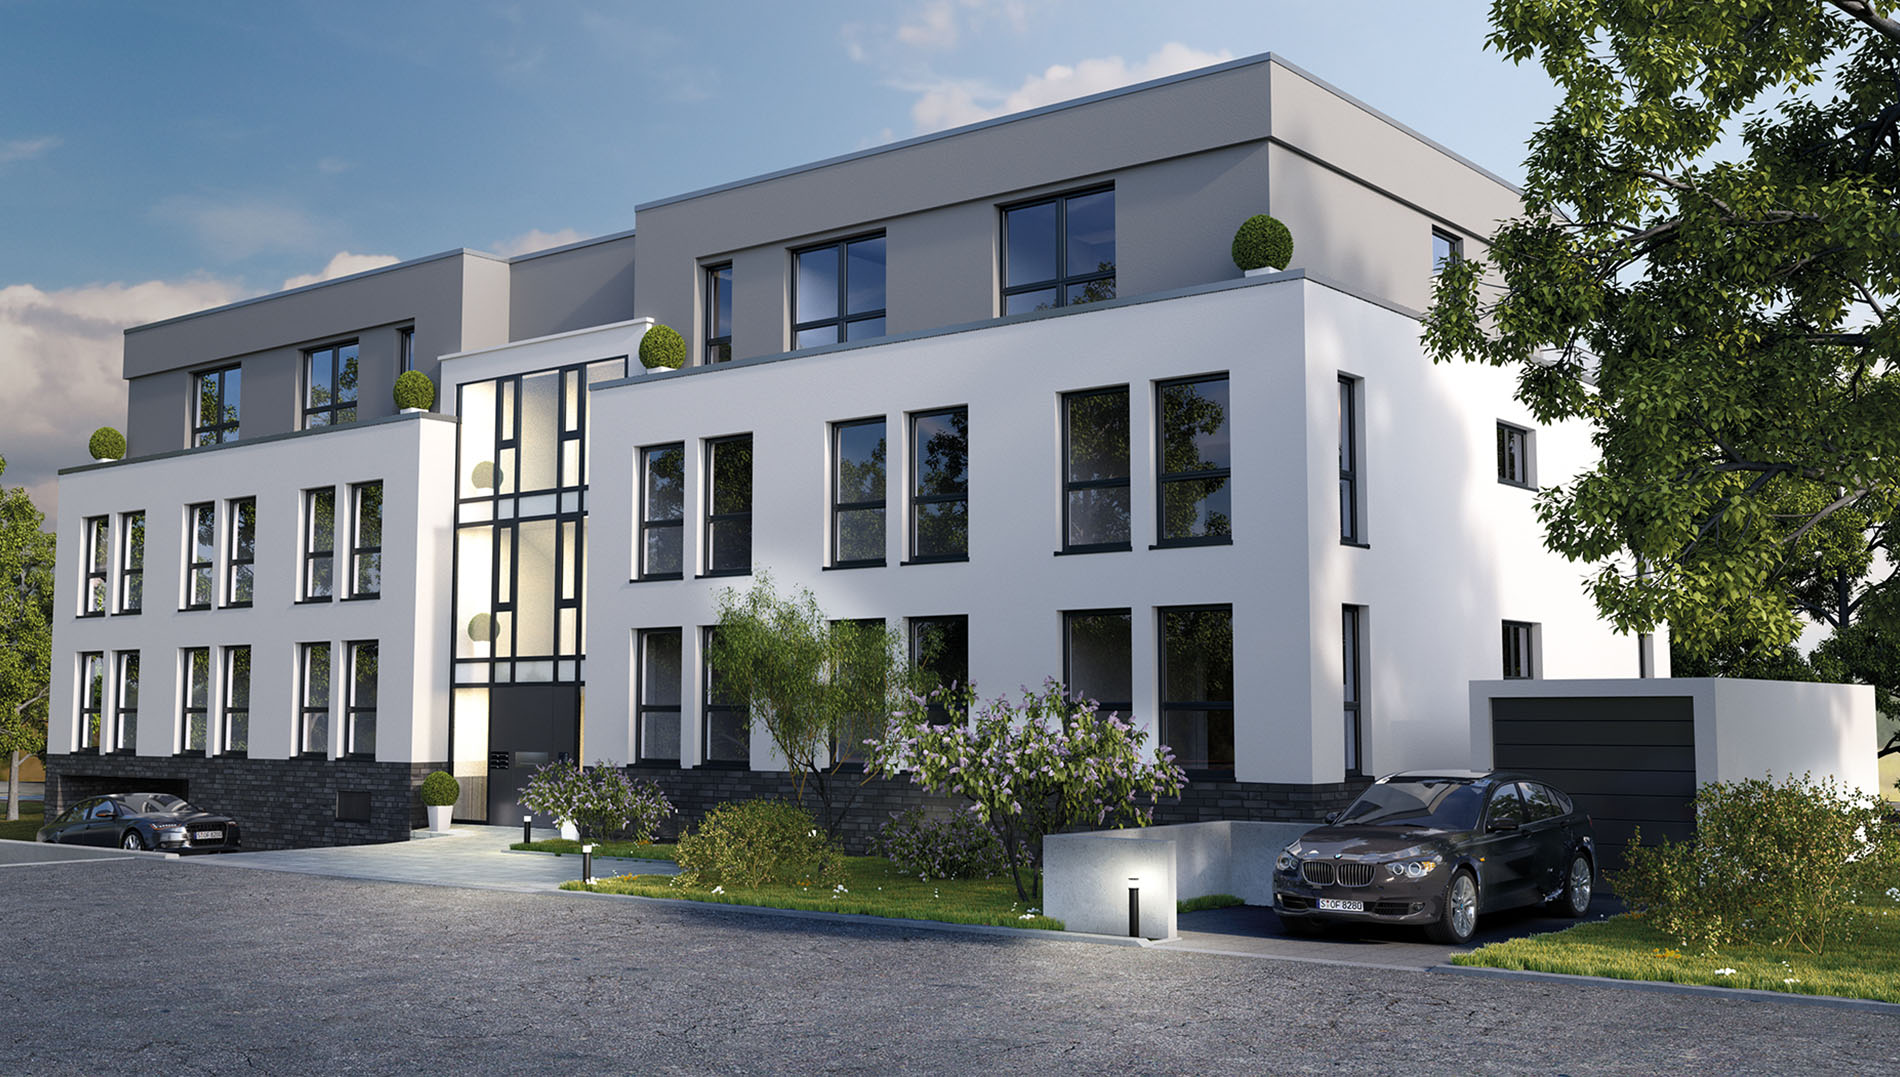 Wohnung kaufen Recklinghausen NRW